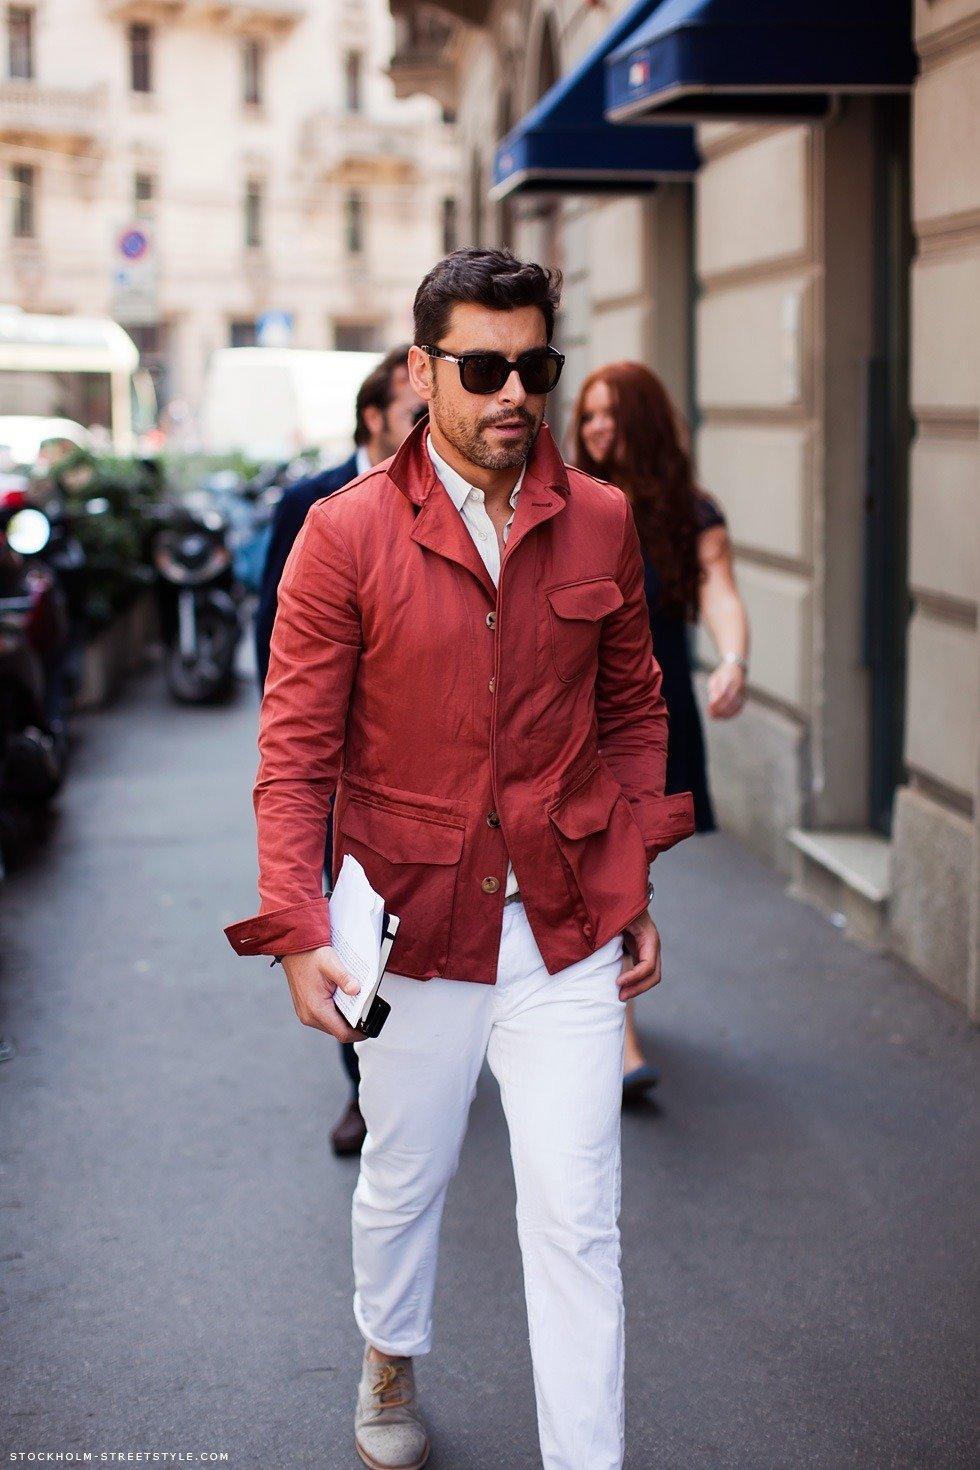 Итальянский стиль в одежде для мужчин фото